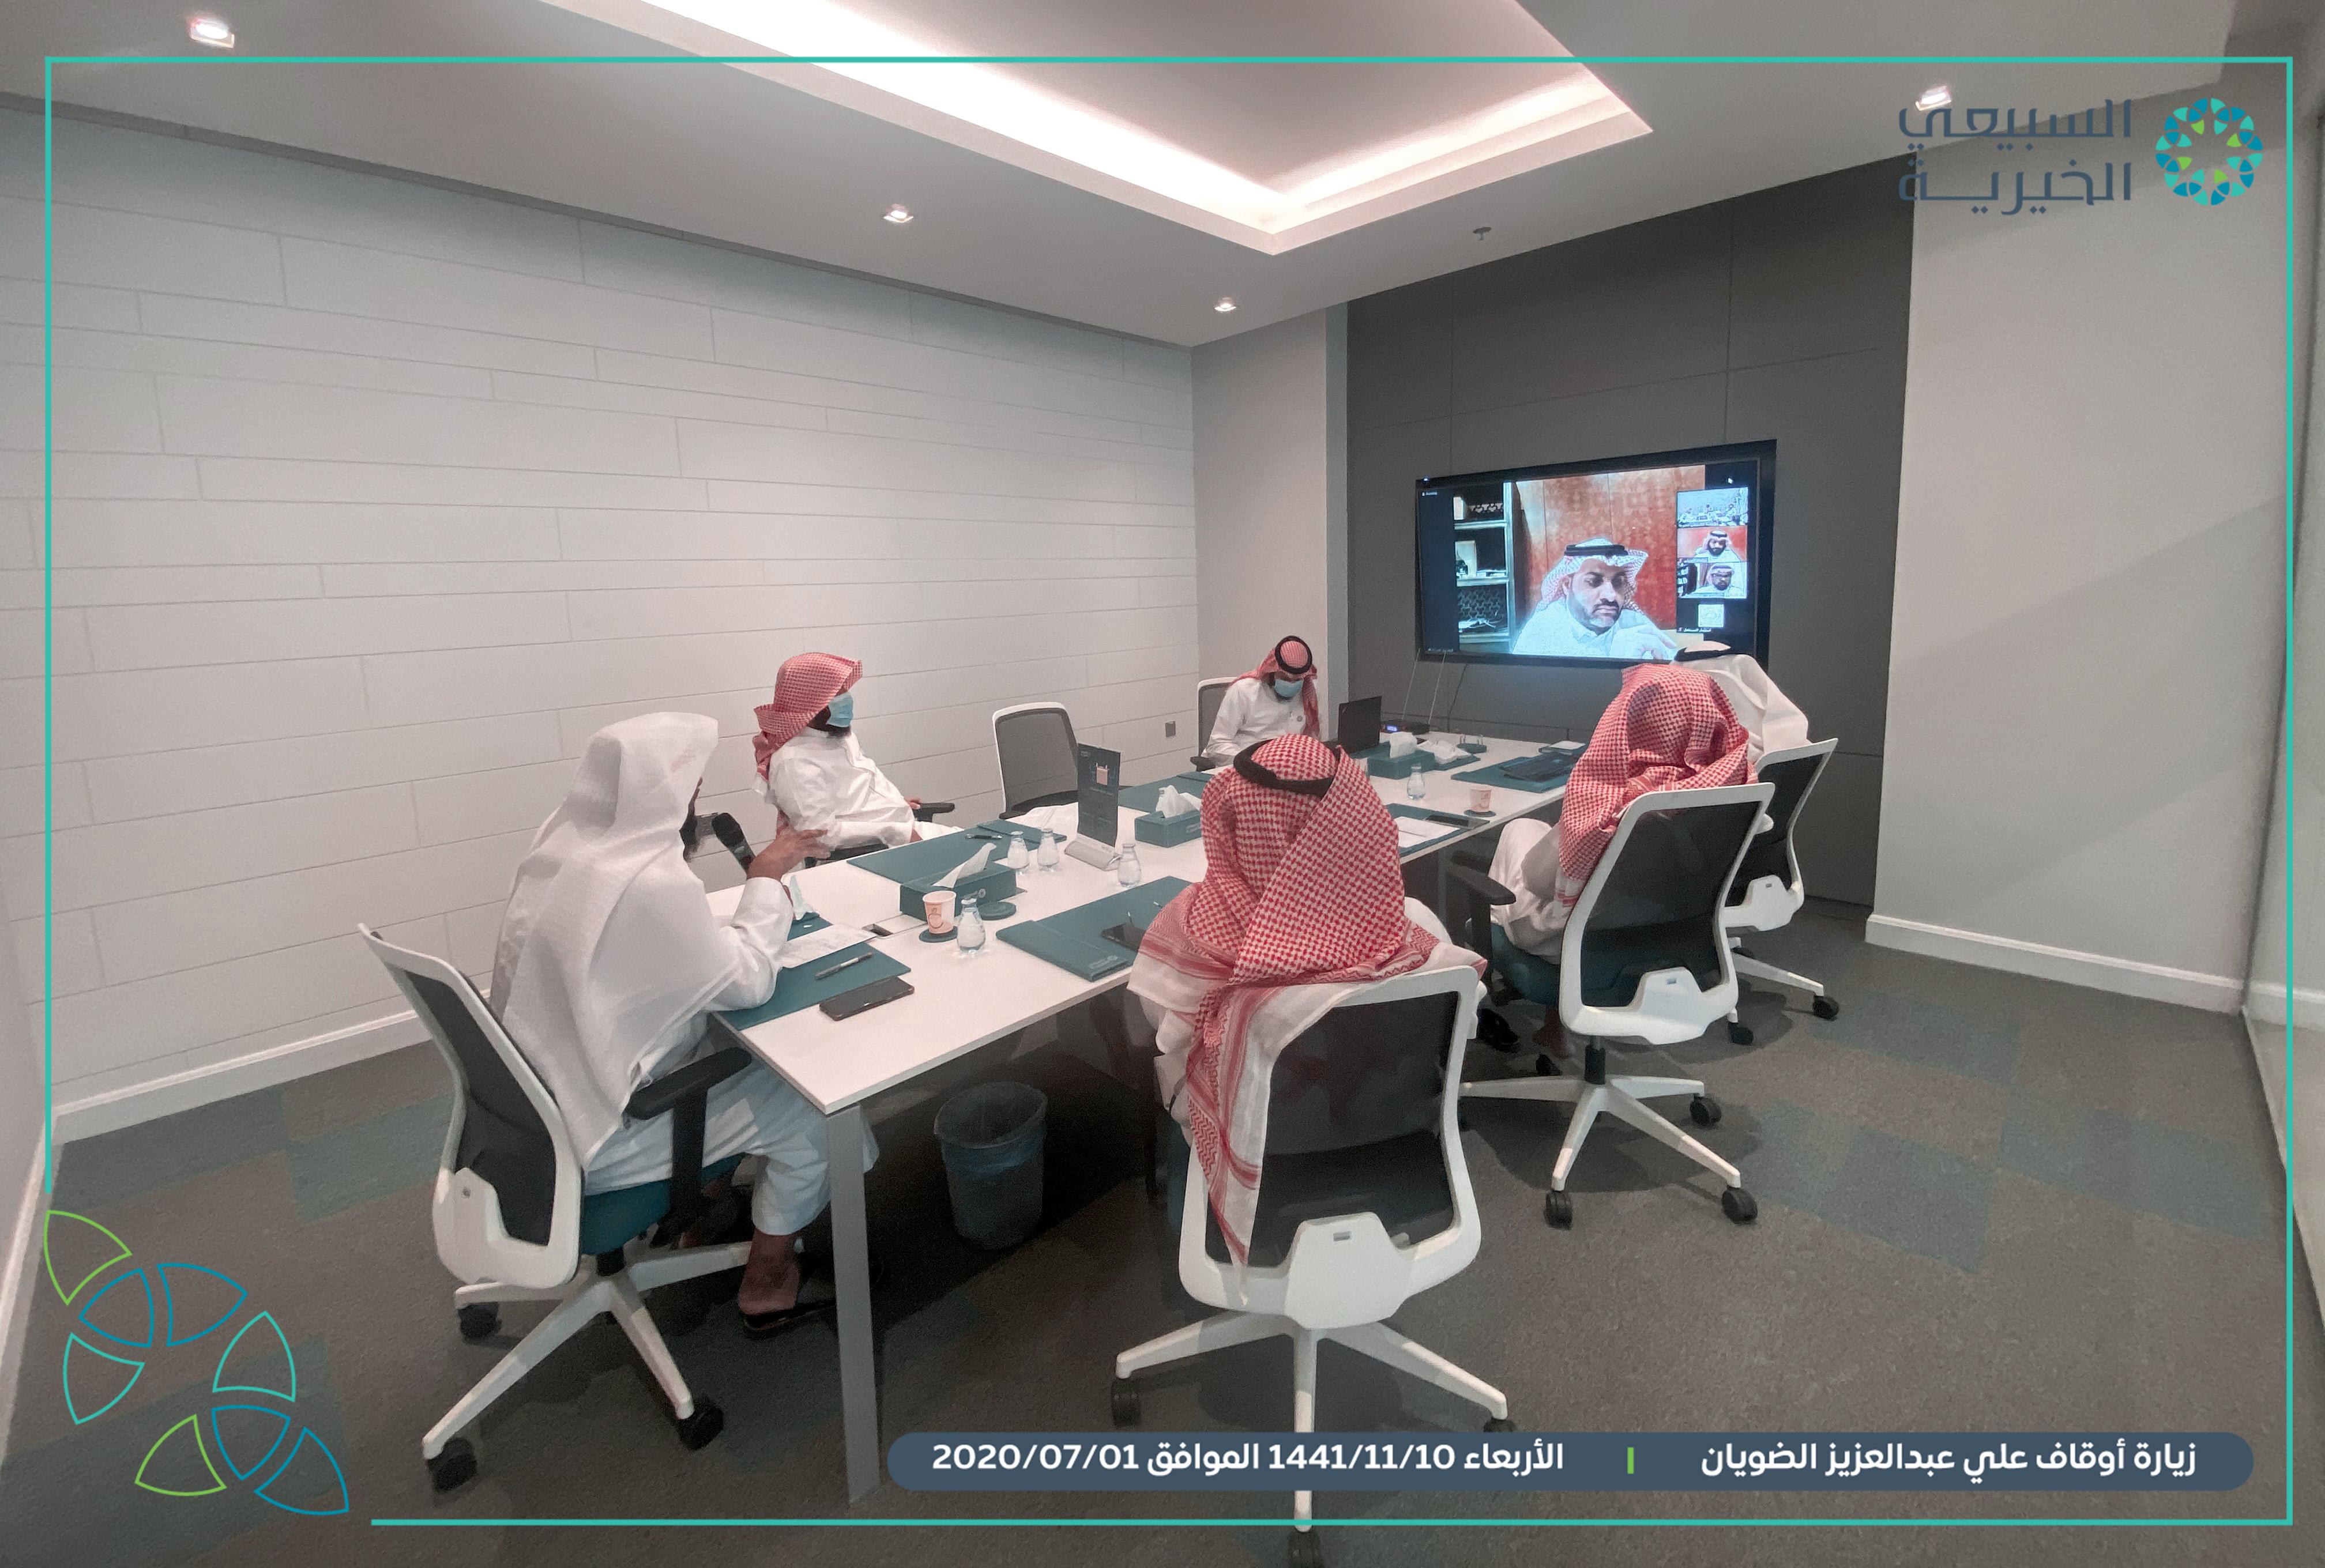 اجتماع المؤسسة مع أوقاف علي بن عبدالعزيز الضويان